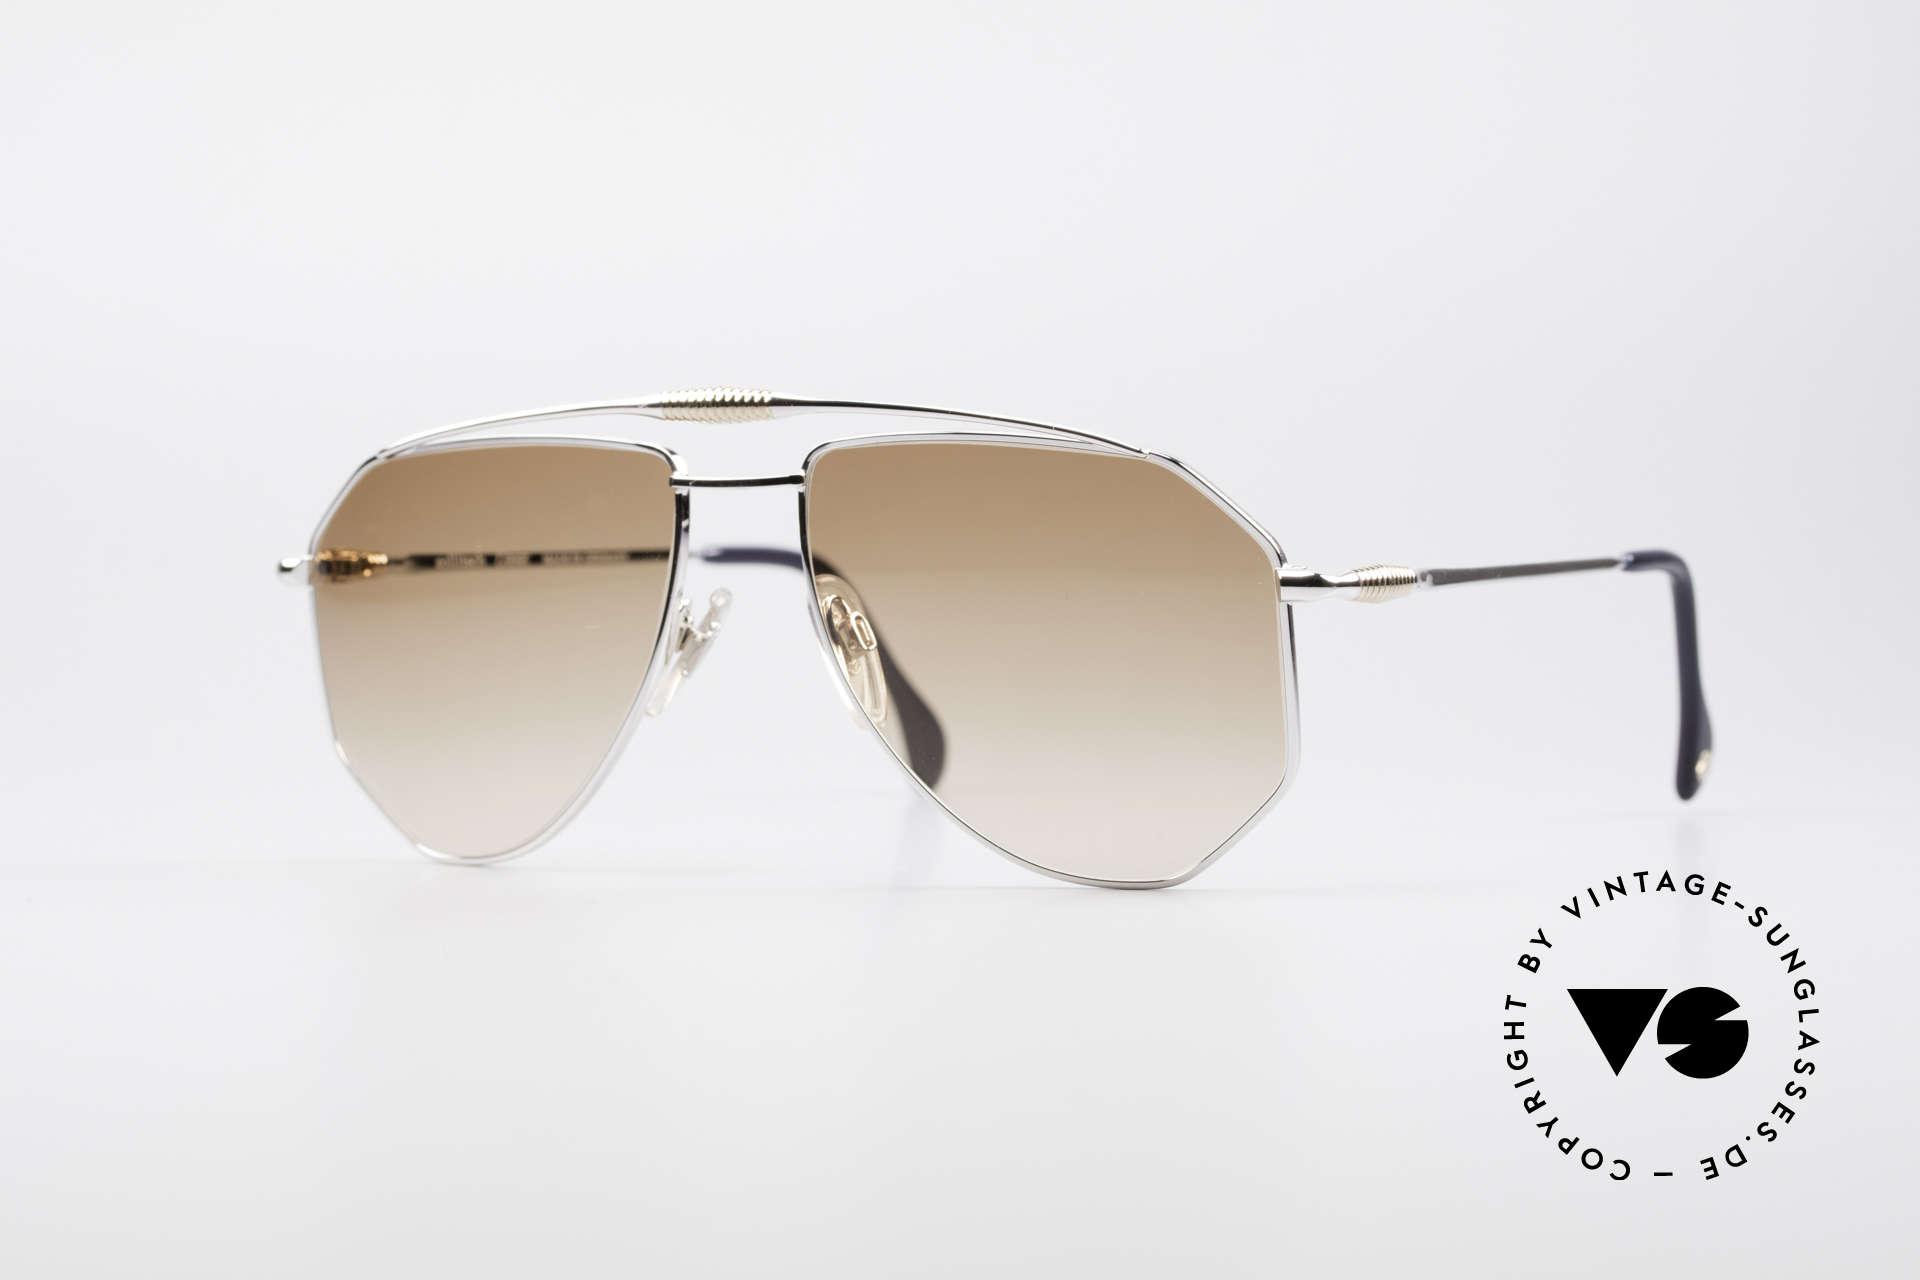 Zollitsch Cadre 120 Large 80er Sonnenbrille, vintage Zollitsch Sonnenbrille aus den späten 1980ern, Passend für Herren